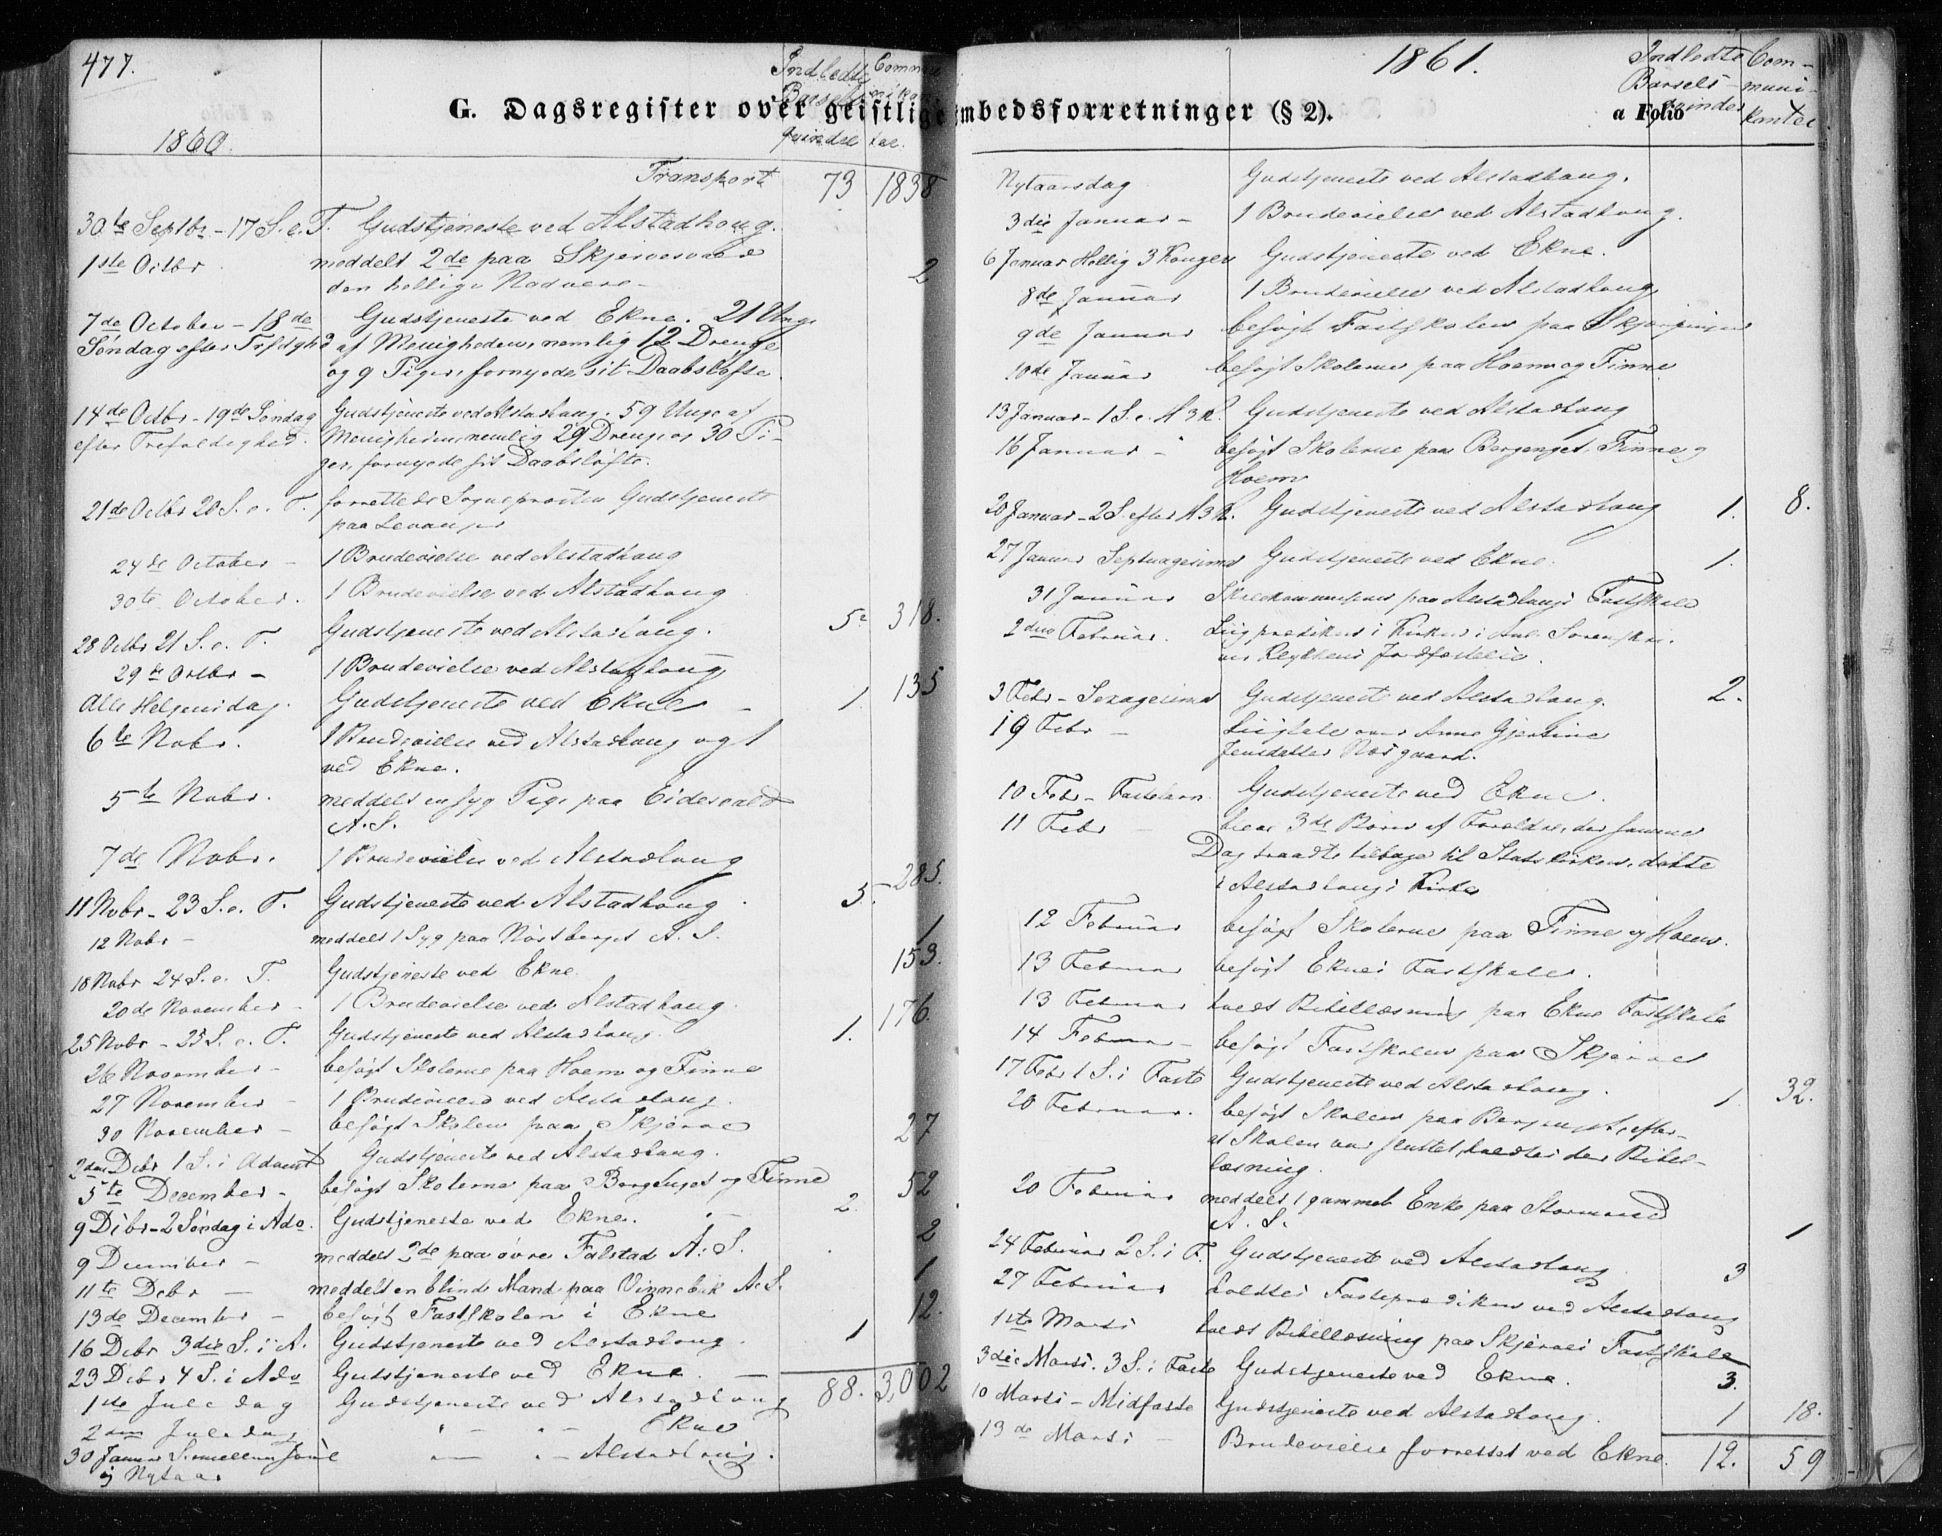 SAT, Ministerialprotokoller, klokkerbøker og fødselsregistre - Nord-Trøndelag, 717/L0154: Ministerialbok nr. 717A07 /1, 1850-1862, s. 477